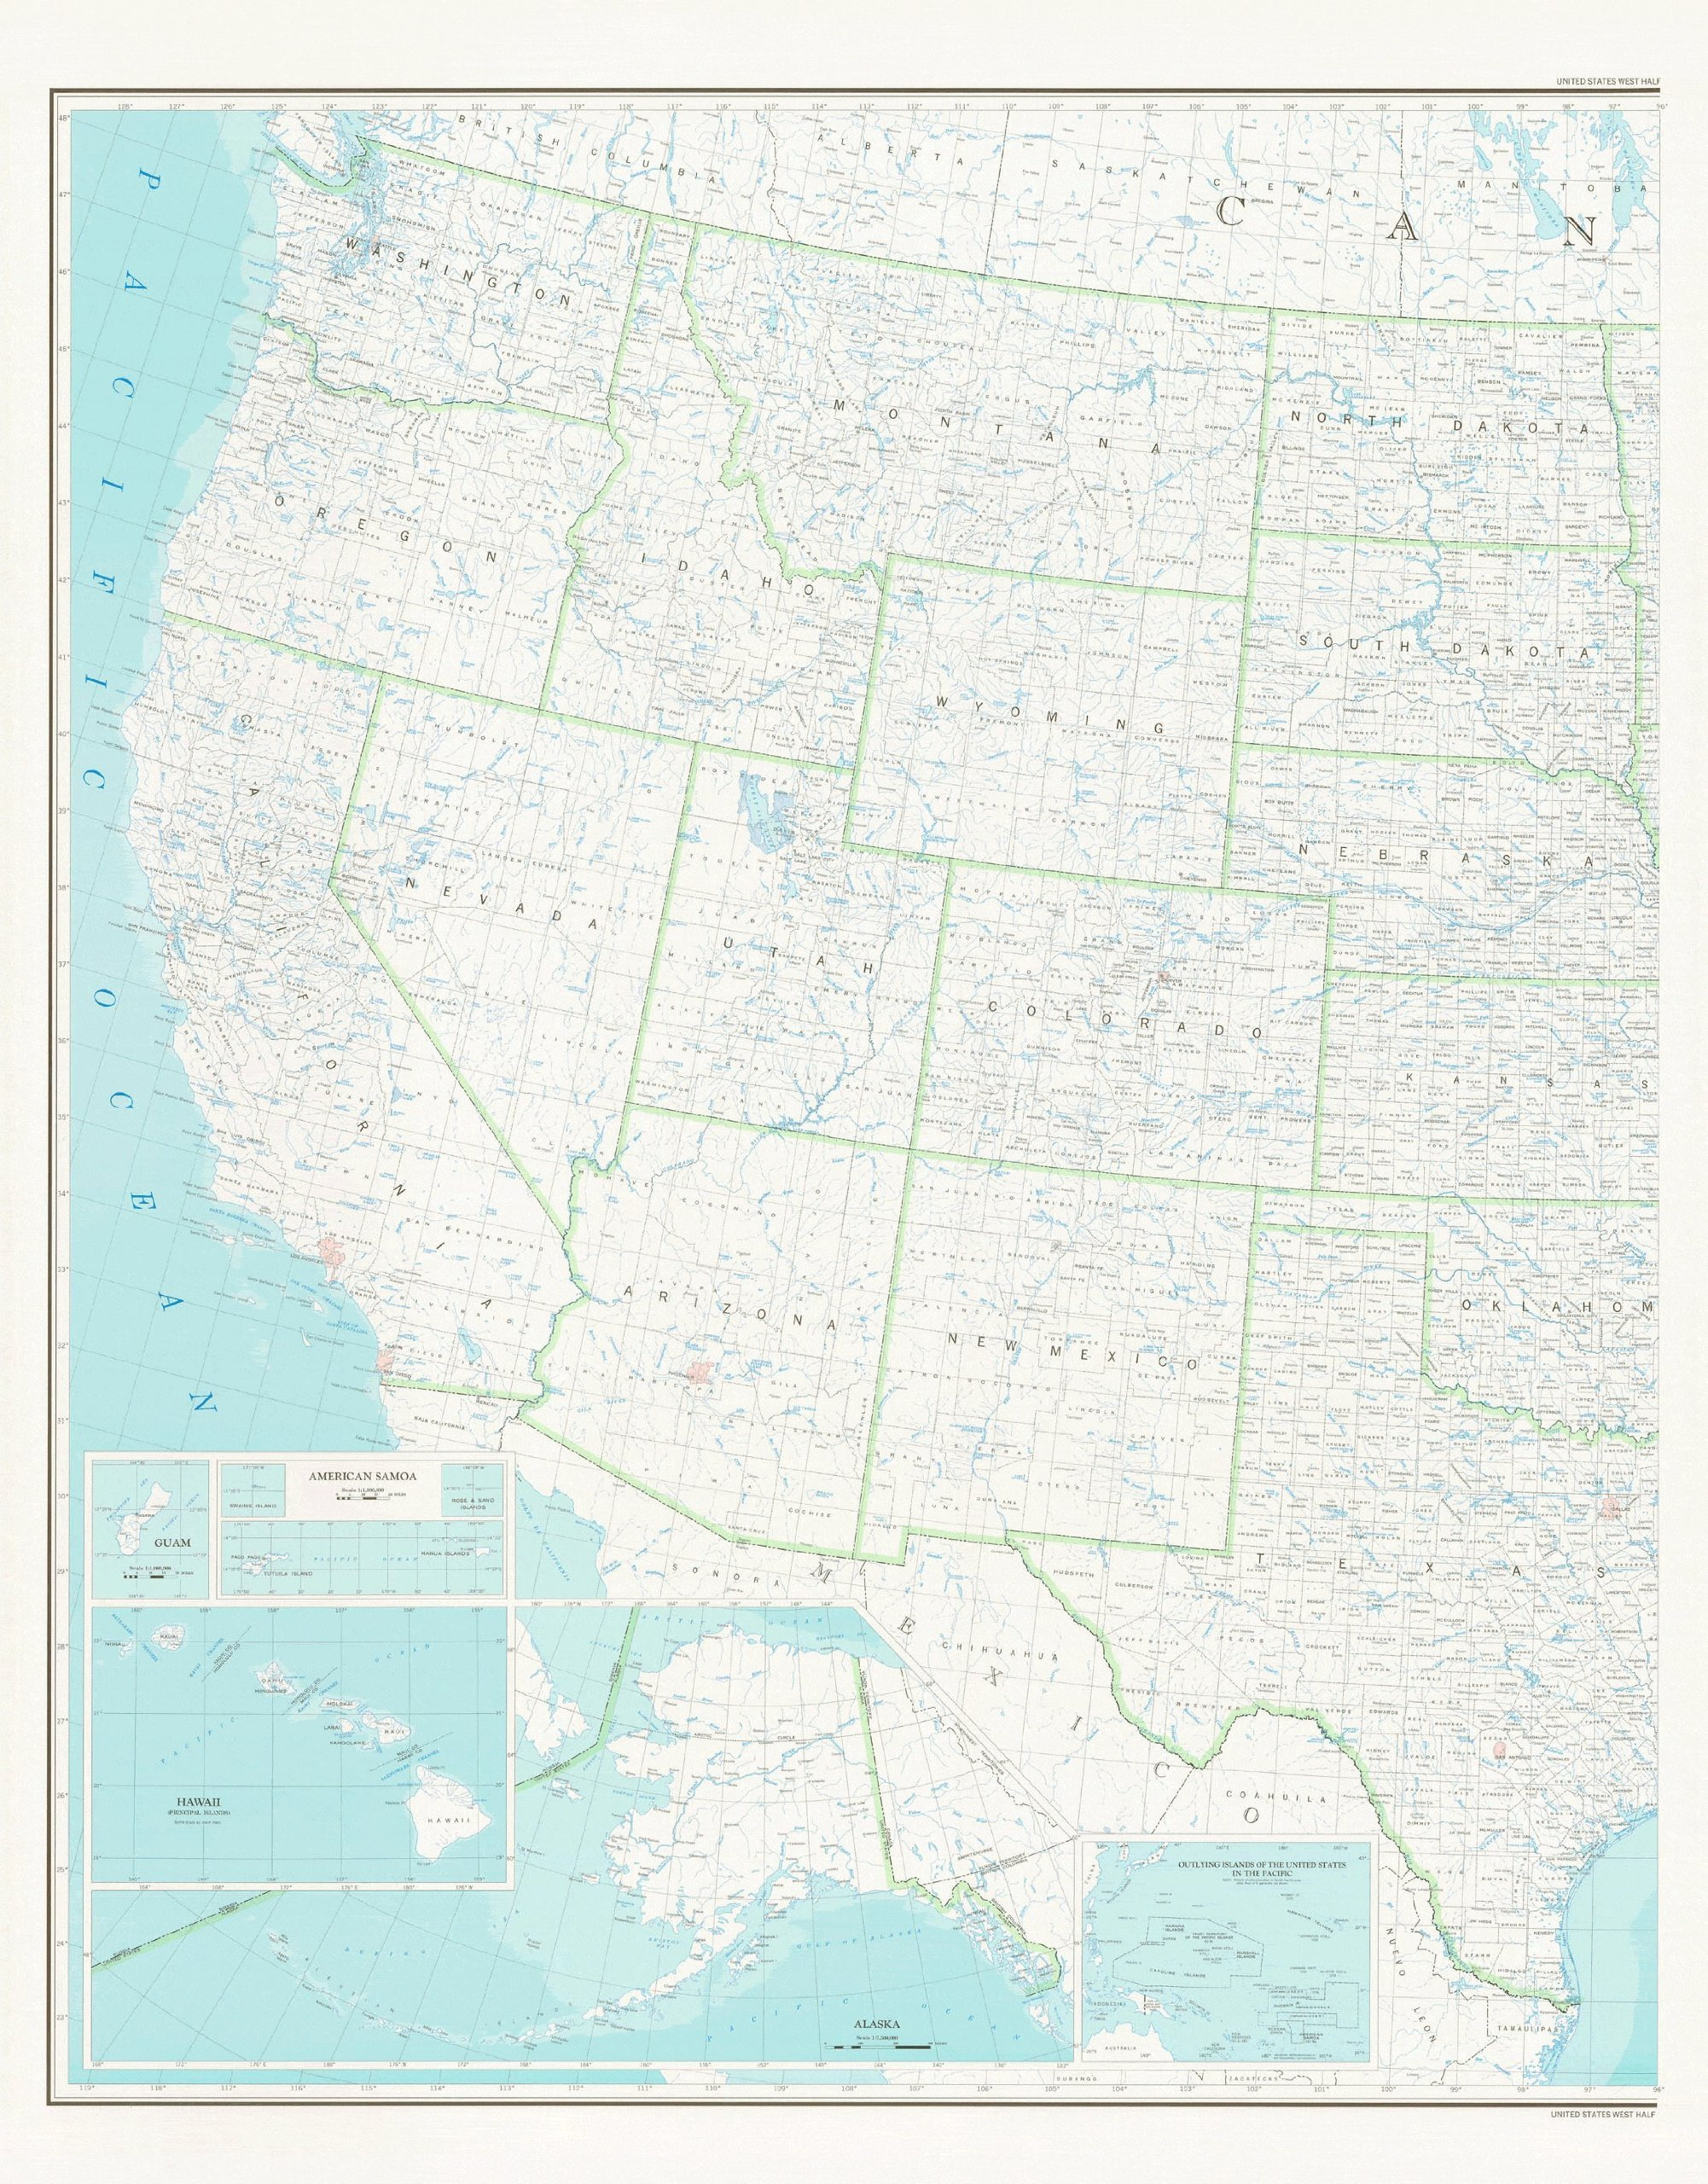 United States Map 2B Base Map (West Half, Dry Erase ...